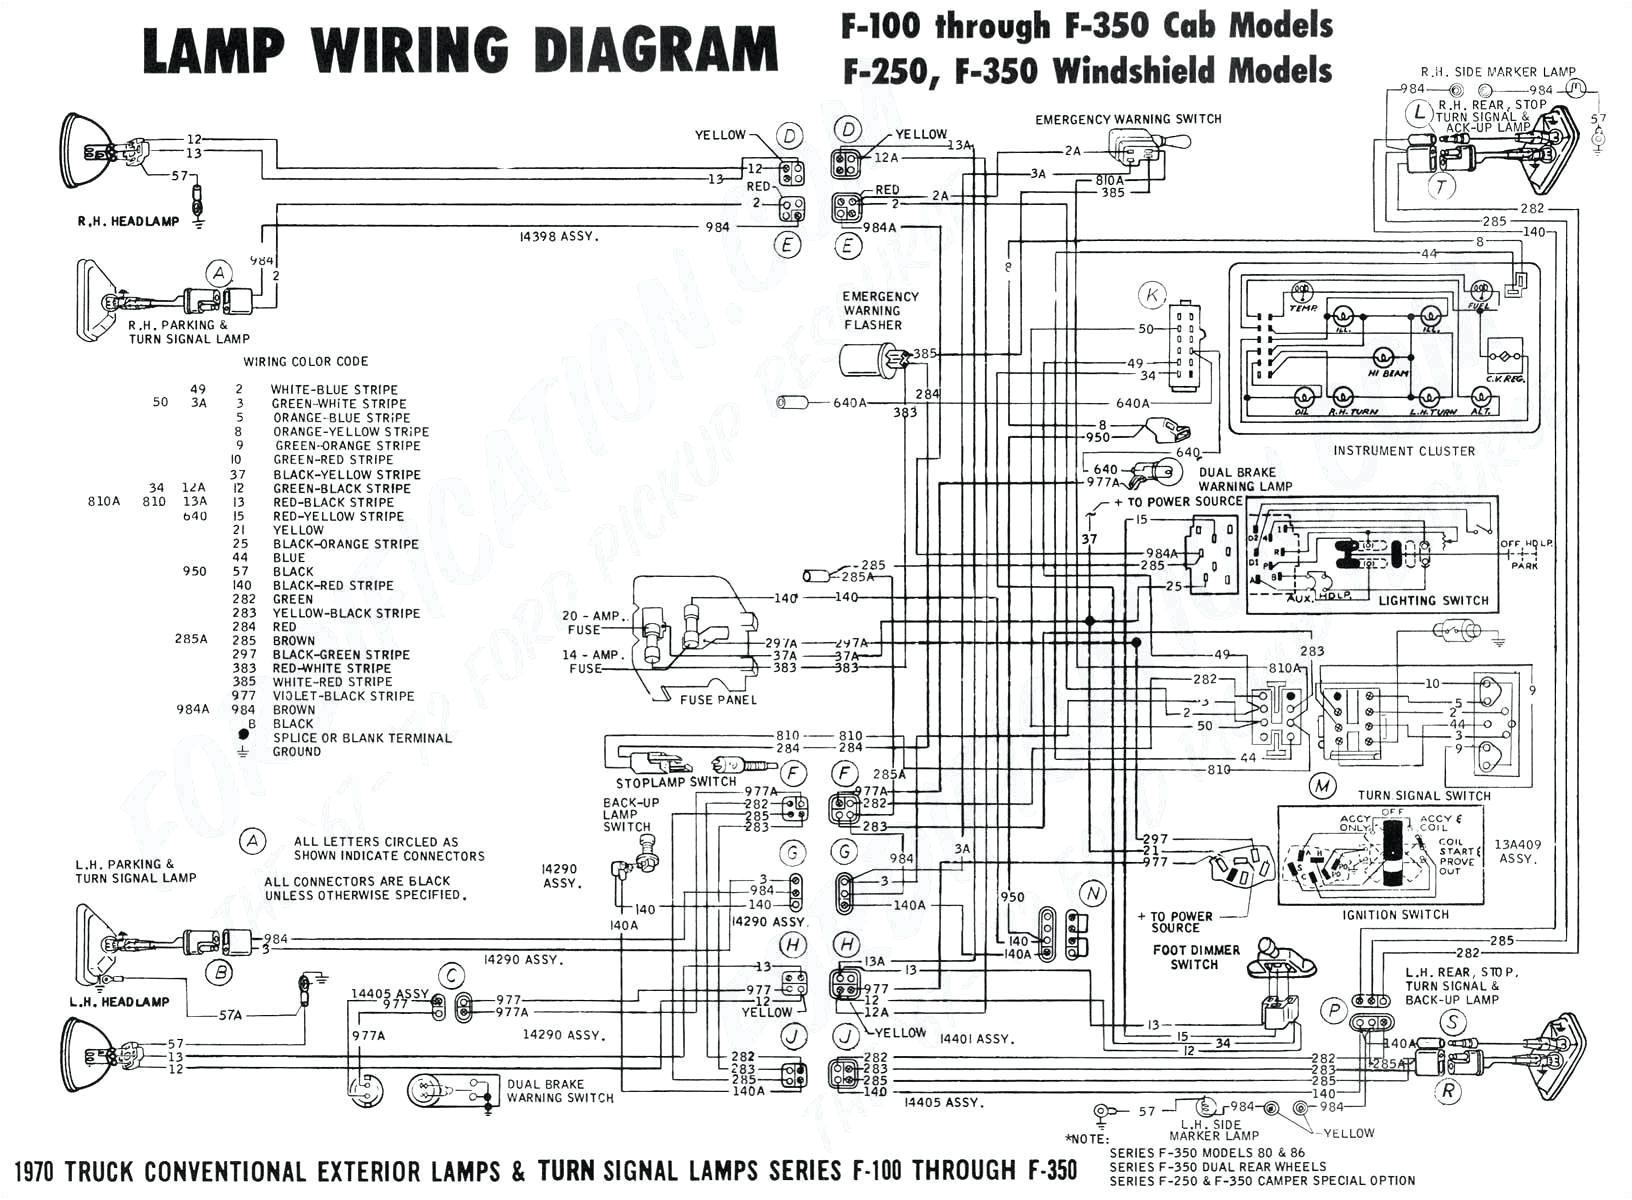 allen bradley vfd wiring diagram wiring diagram databaseallen bradley centerline wiring diagram